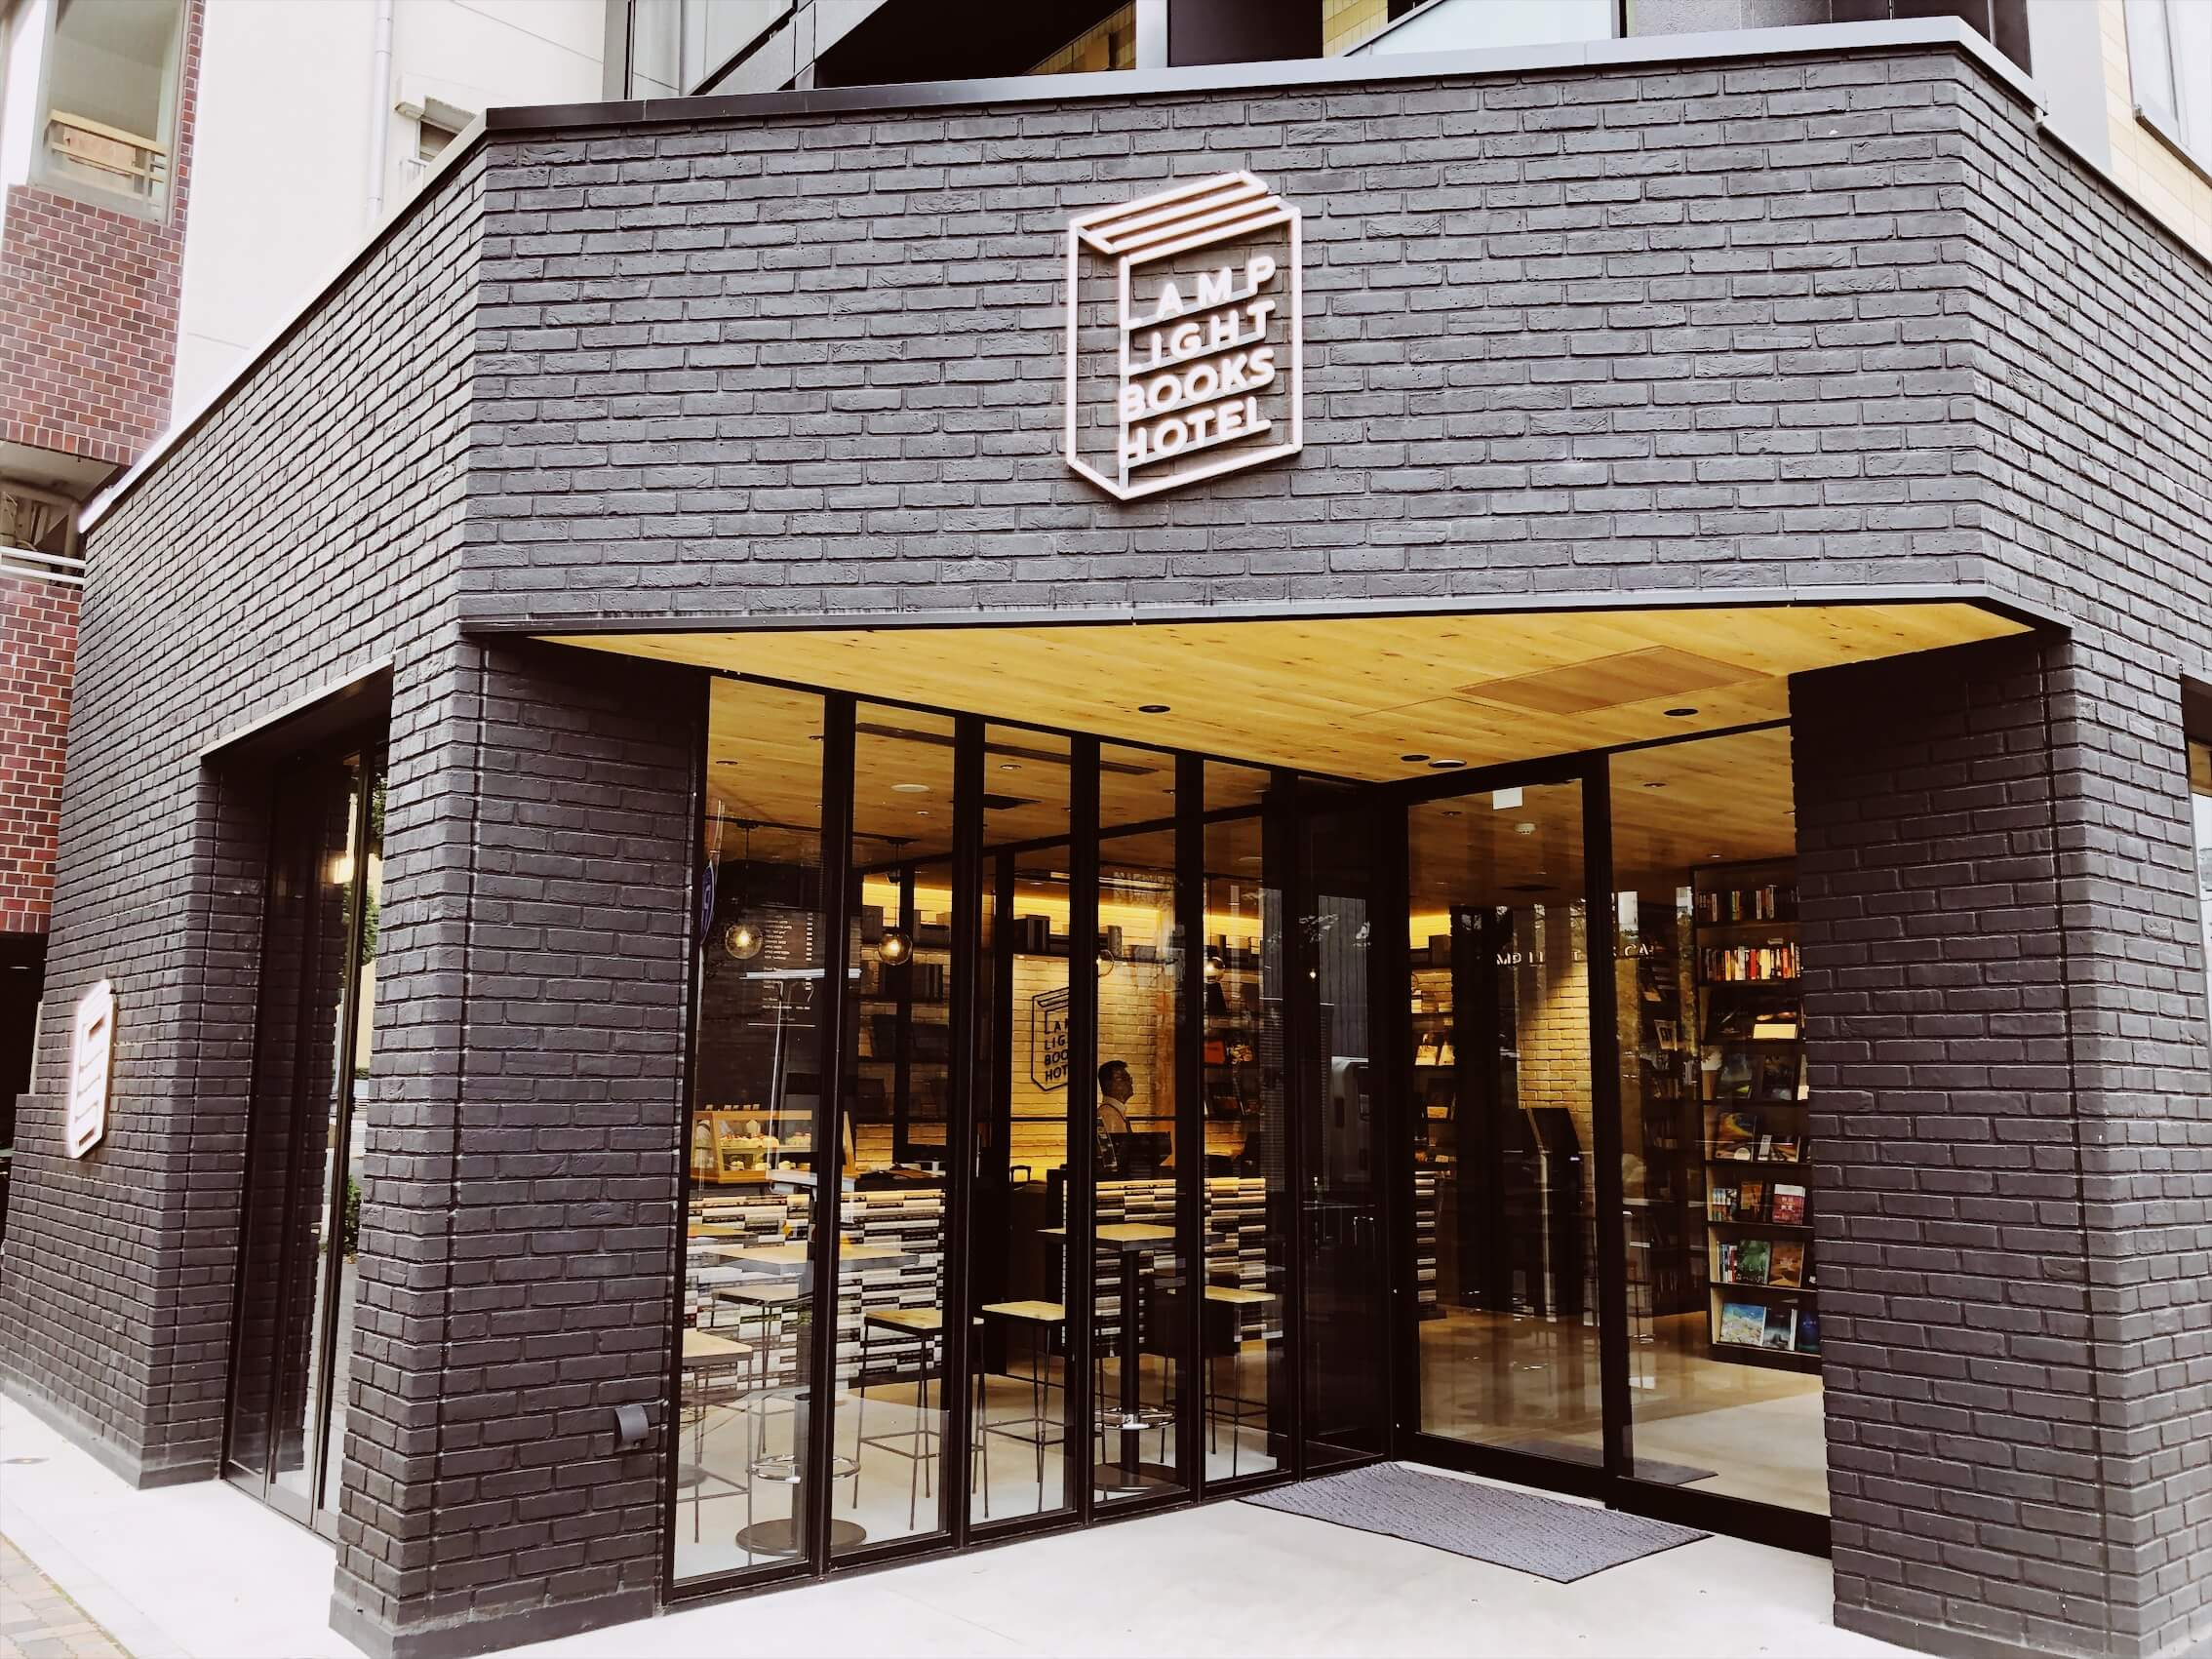 【電源カフェ】名古屋の伏見でオススメすぎるブックカフェを見つけたので紹介|ランプライトブックスカフェ